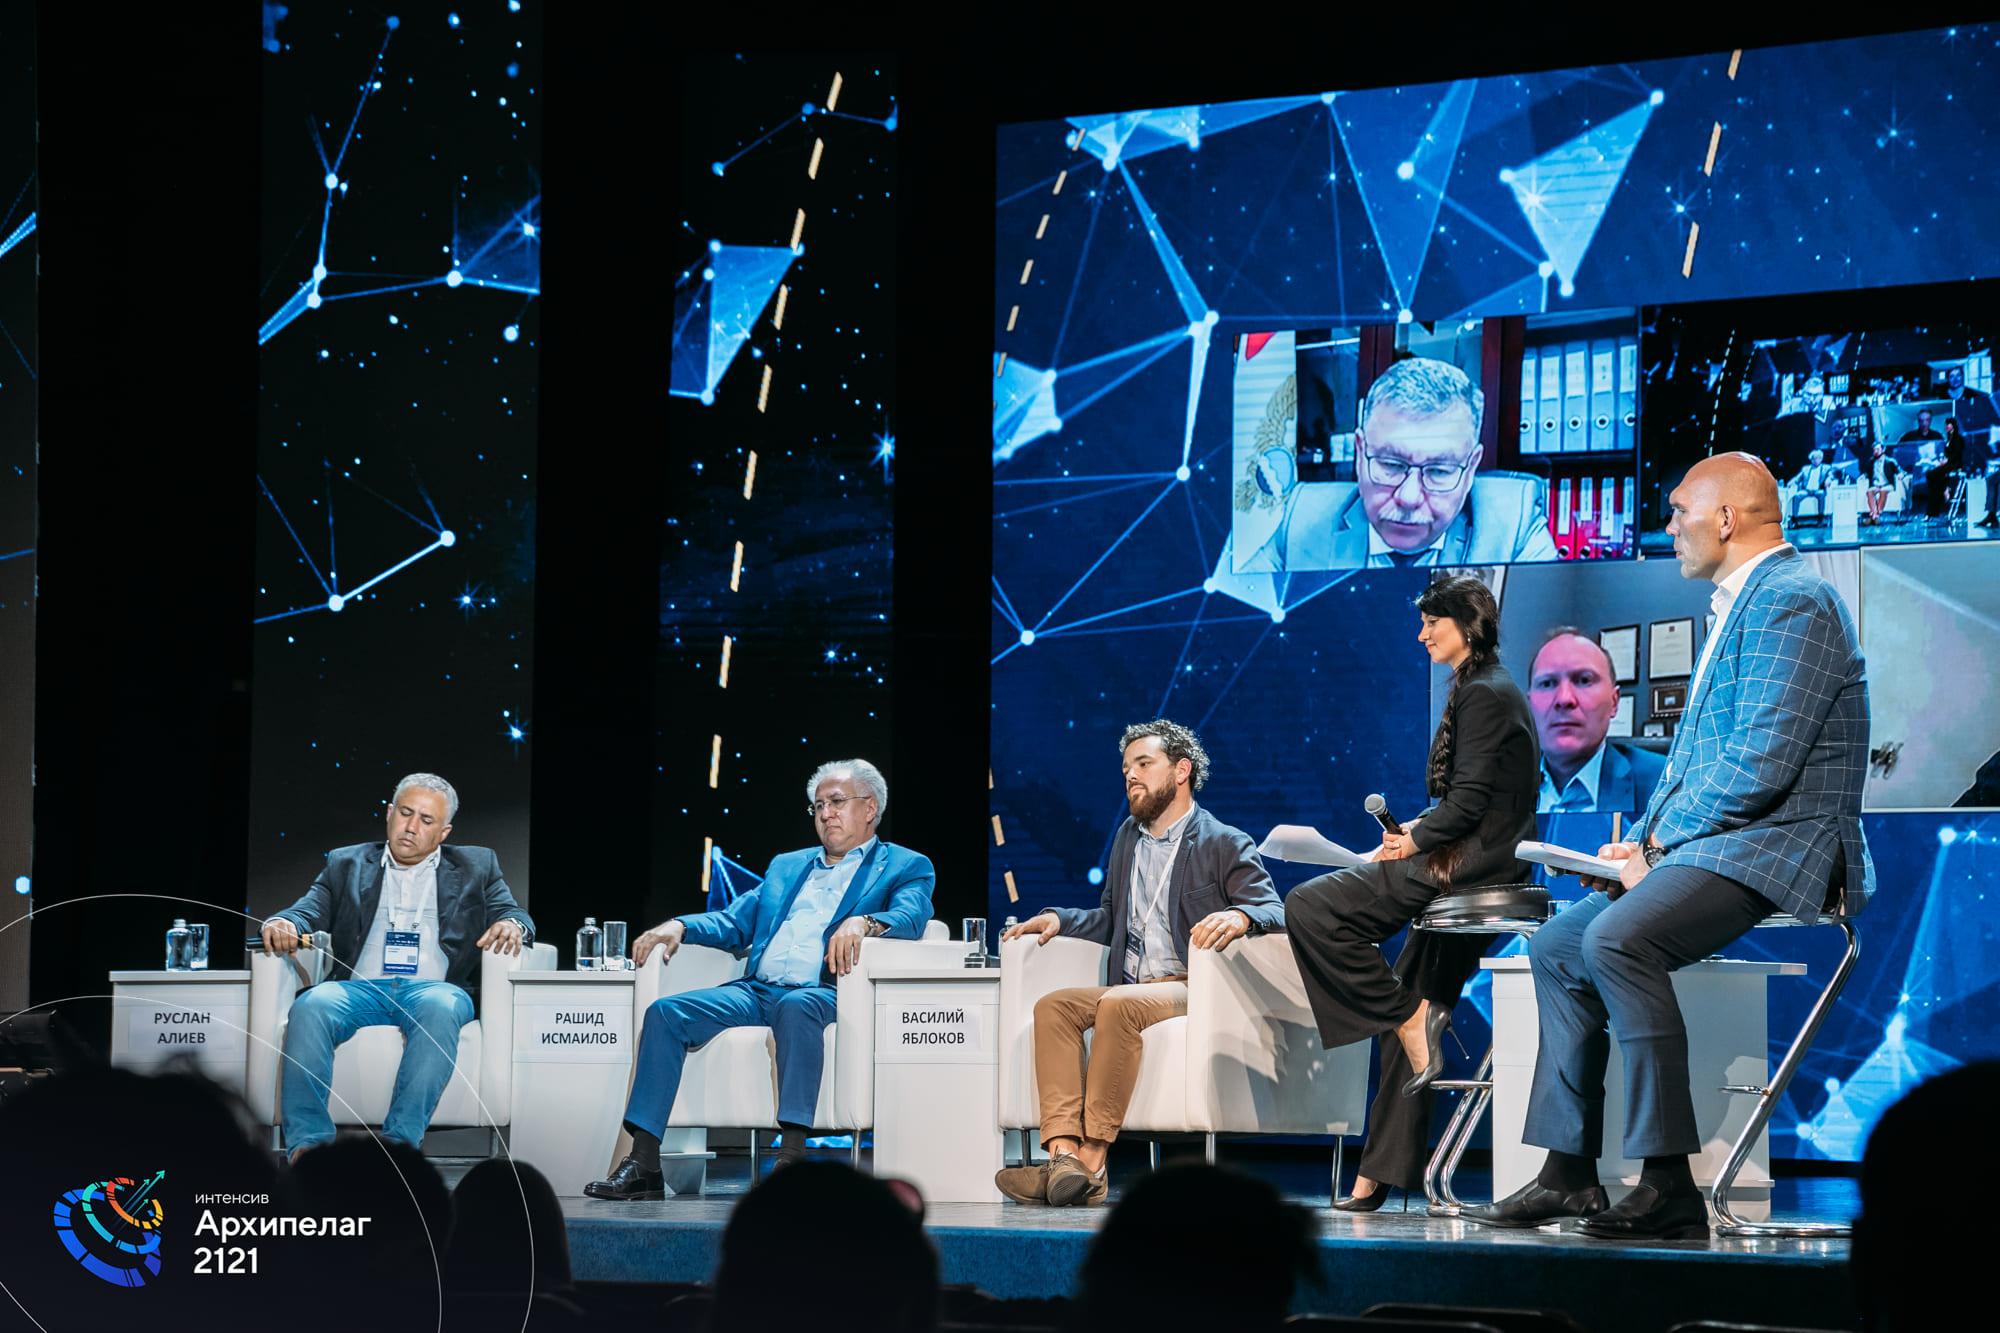 Рашид Исмаилов: экологическая информация должна быть открыта, доступна и достоверна